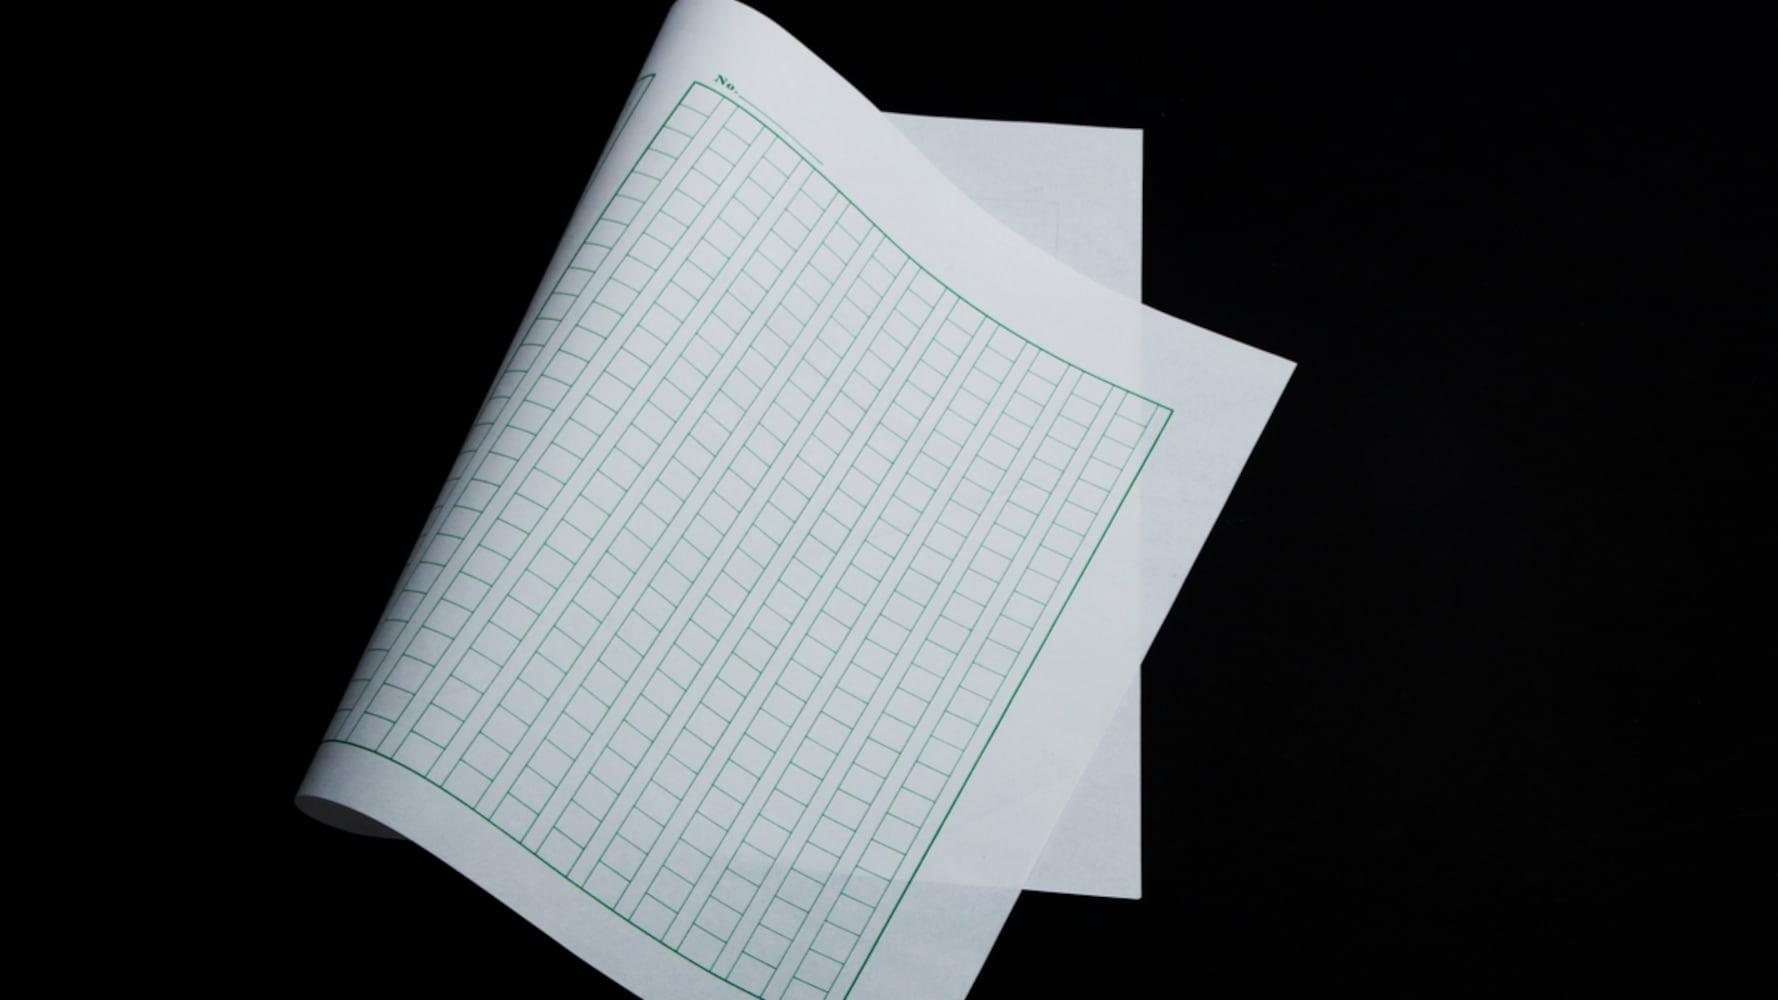 仕様1|罫線が青や緑のタイプはFAXで送ると写りにくい